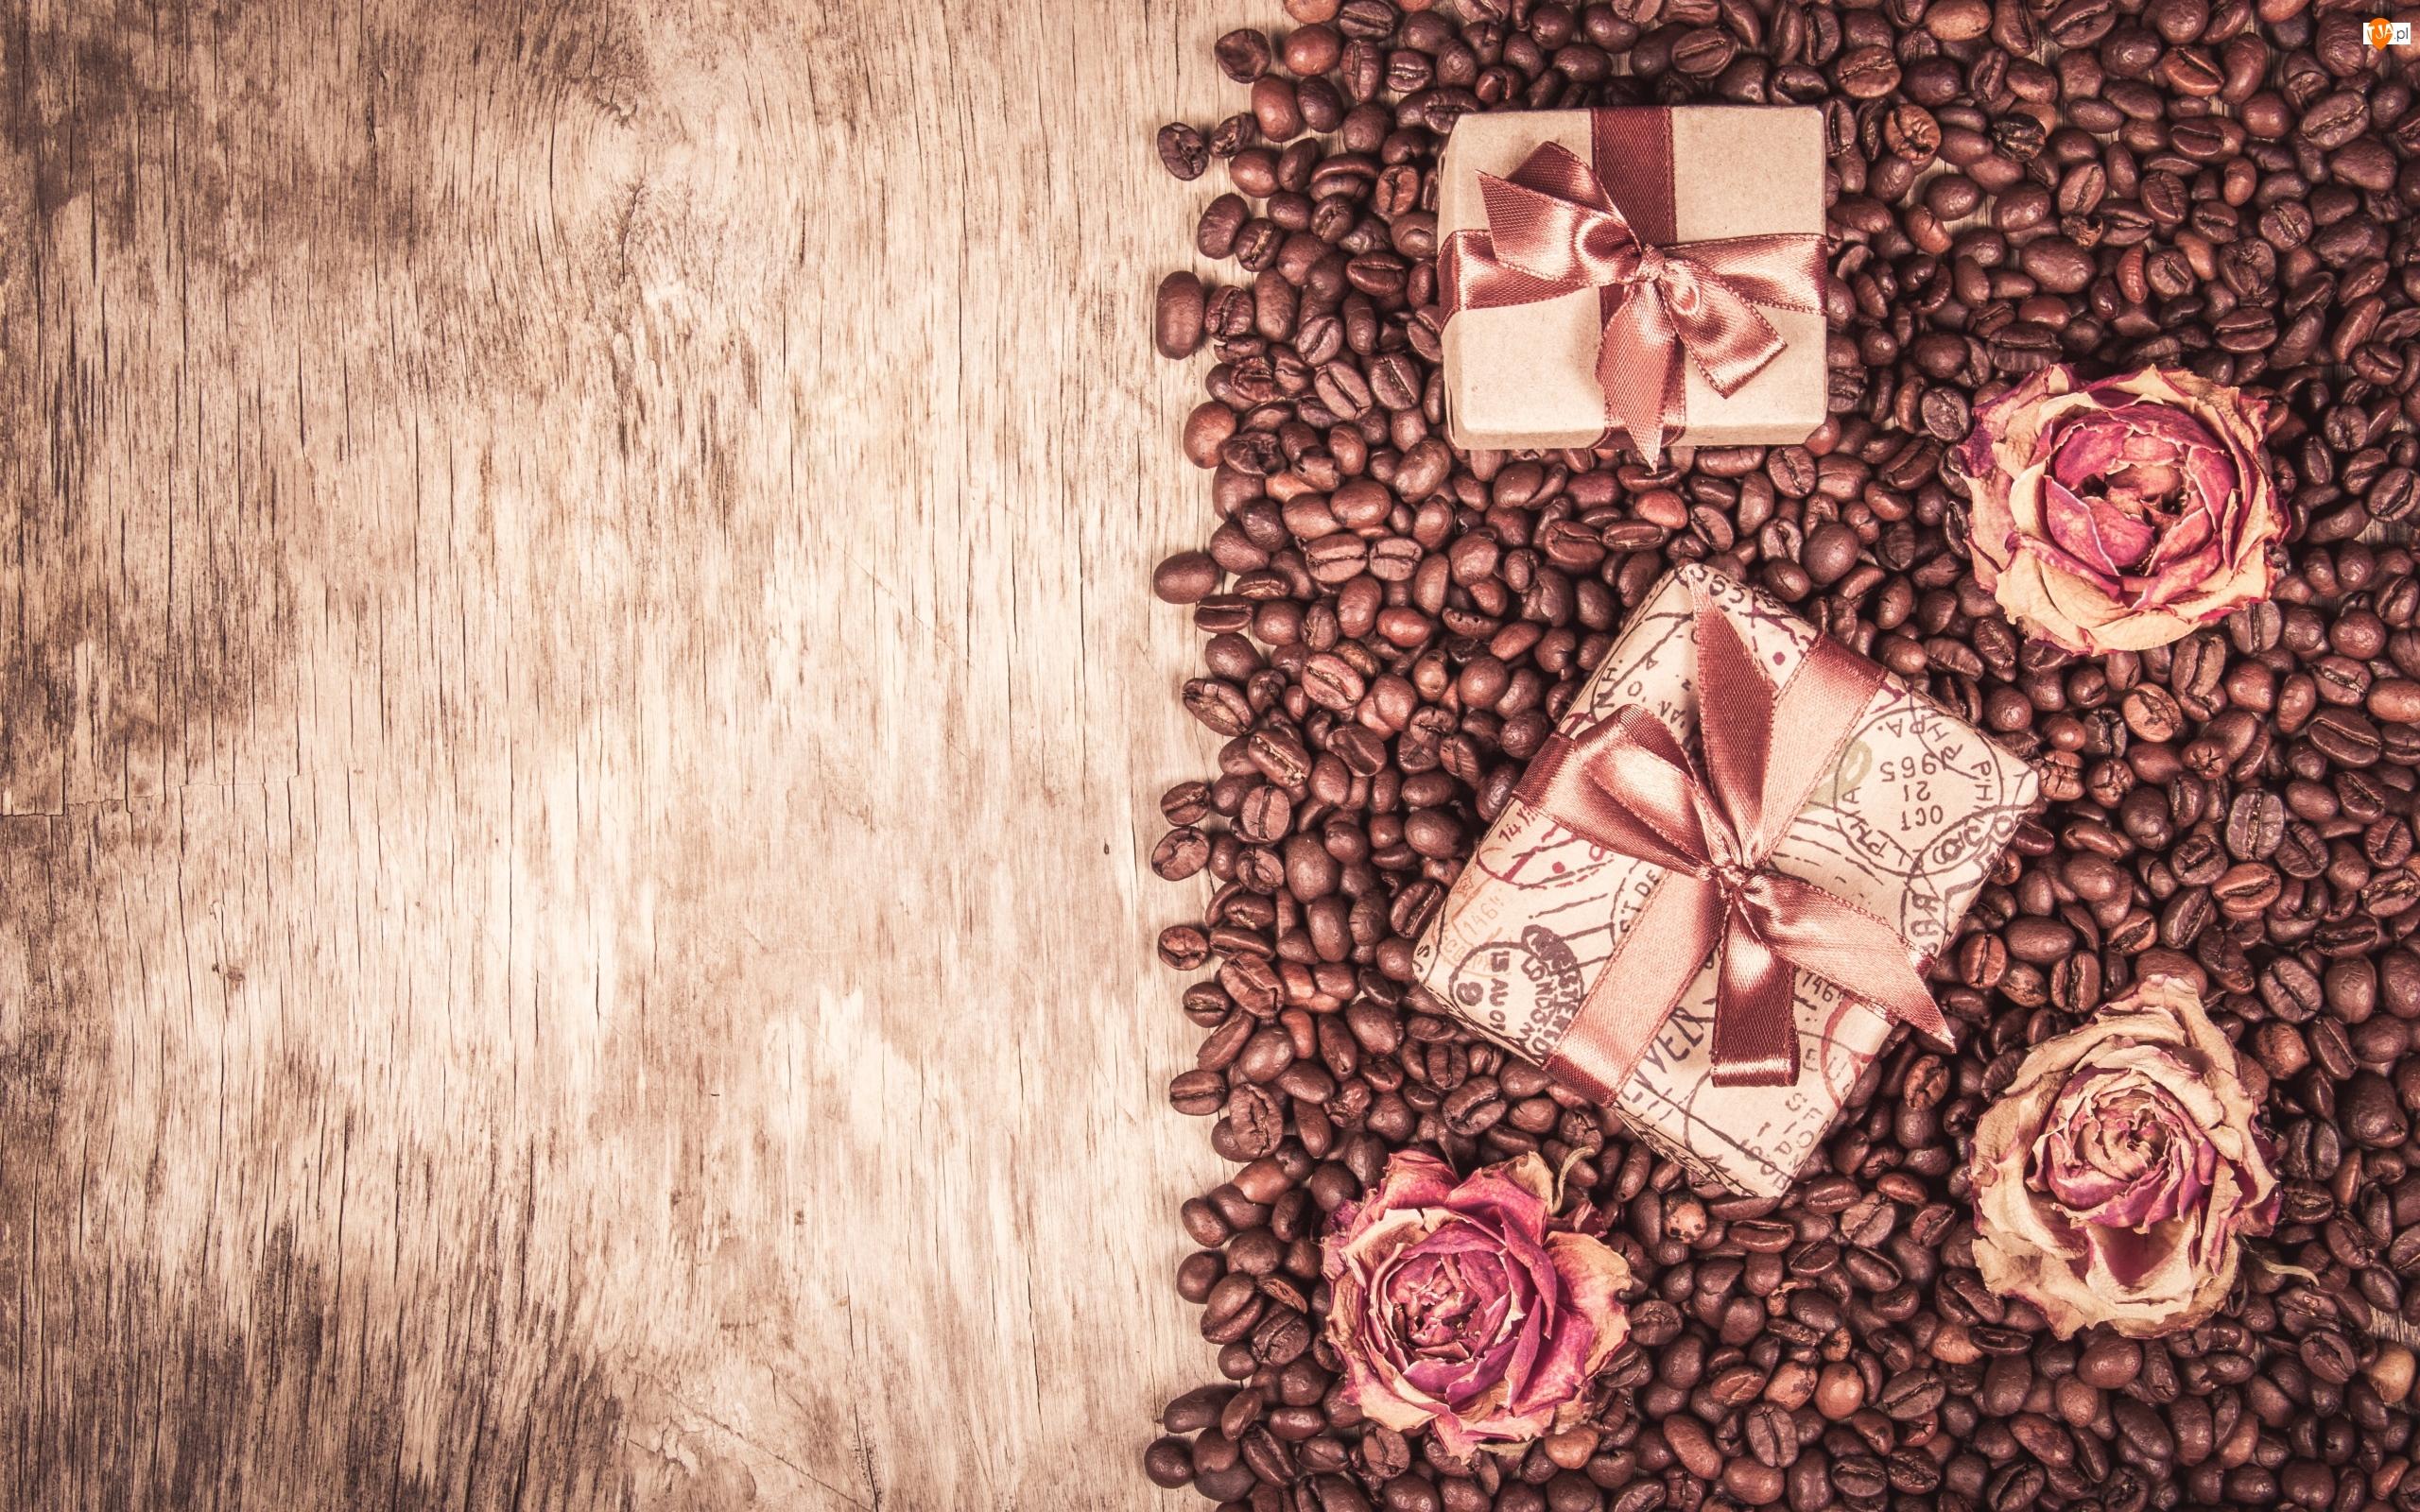 Róże, Ziarna, Kawa, Prezenty